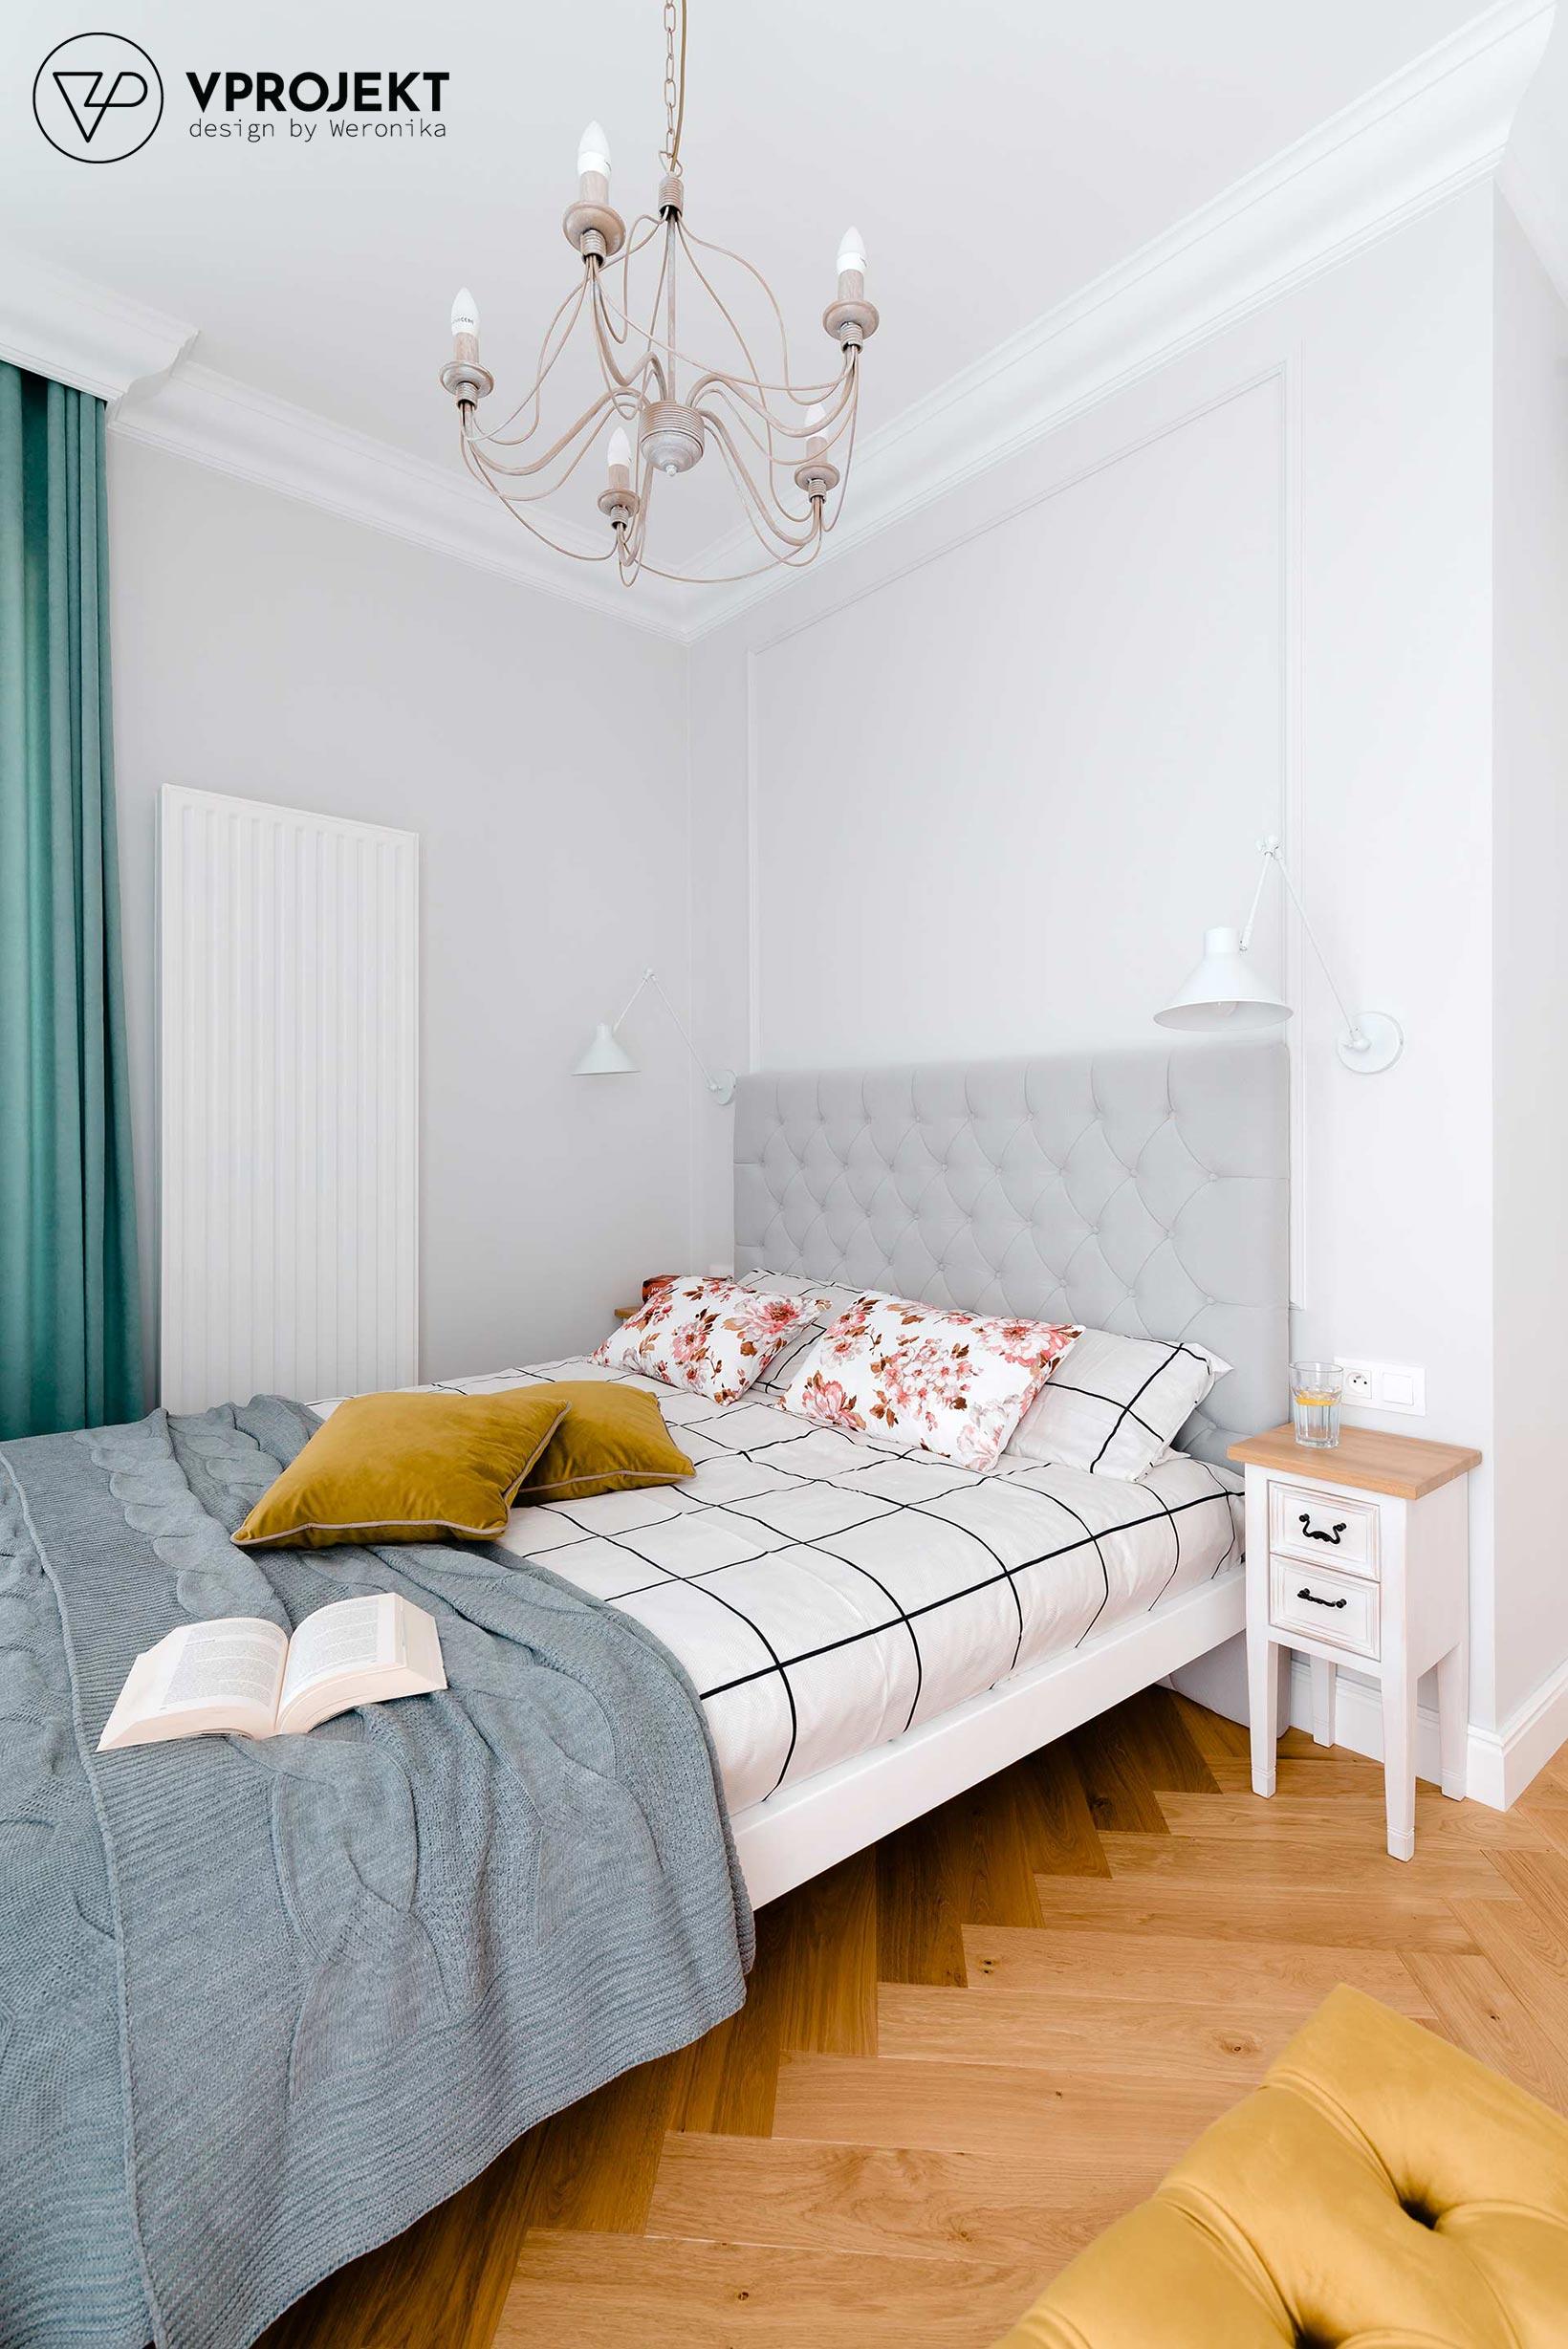 Projekt sypialni, mieszkanie w Olsztynie, Vprojekt